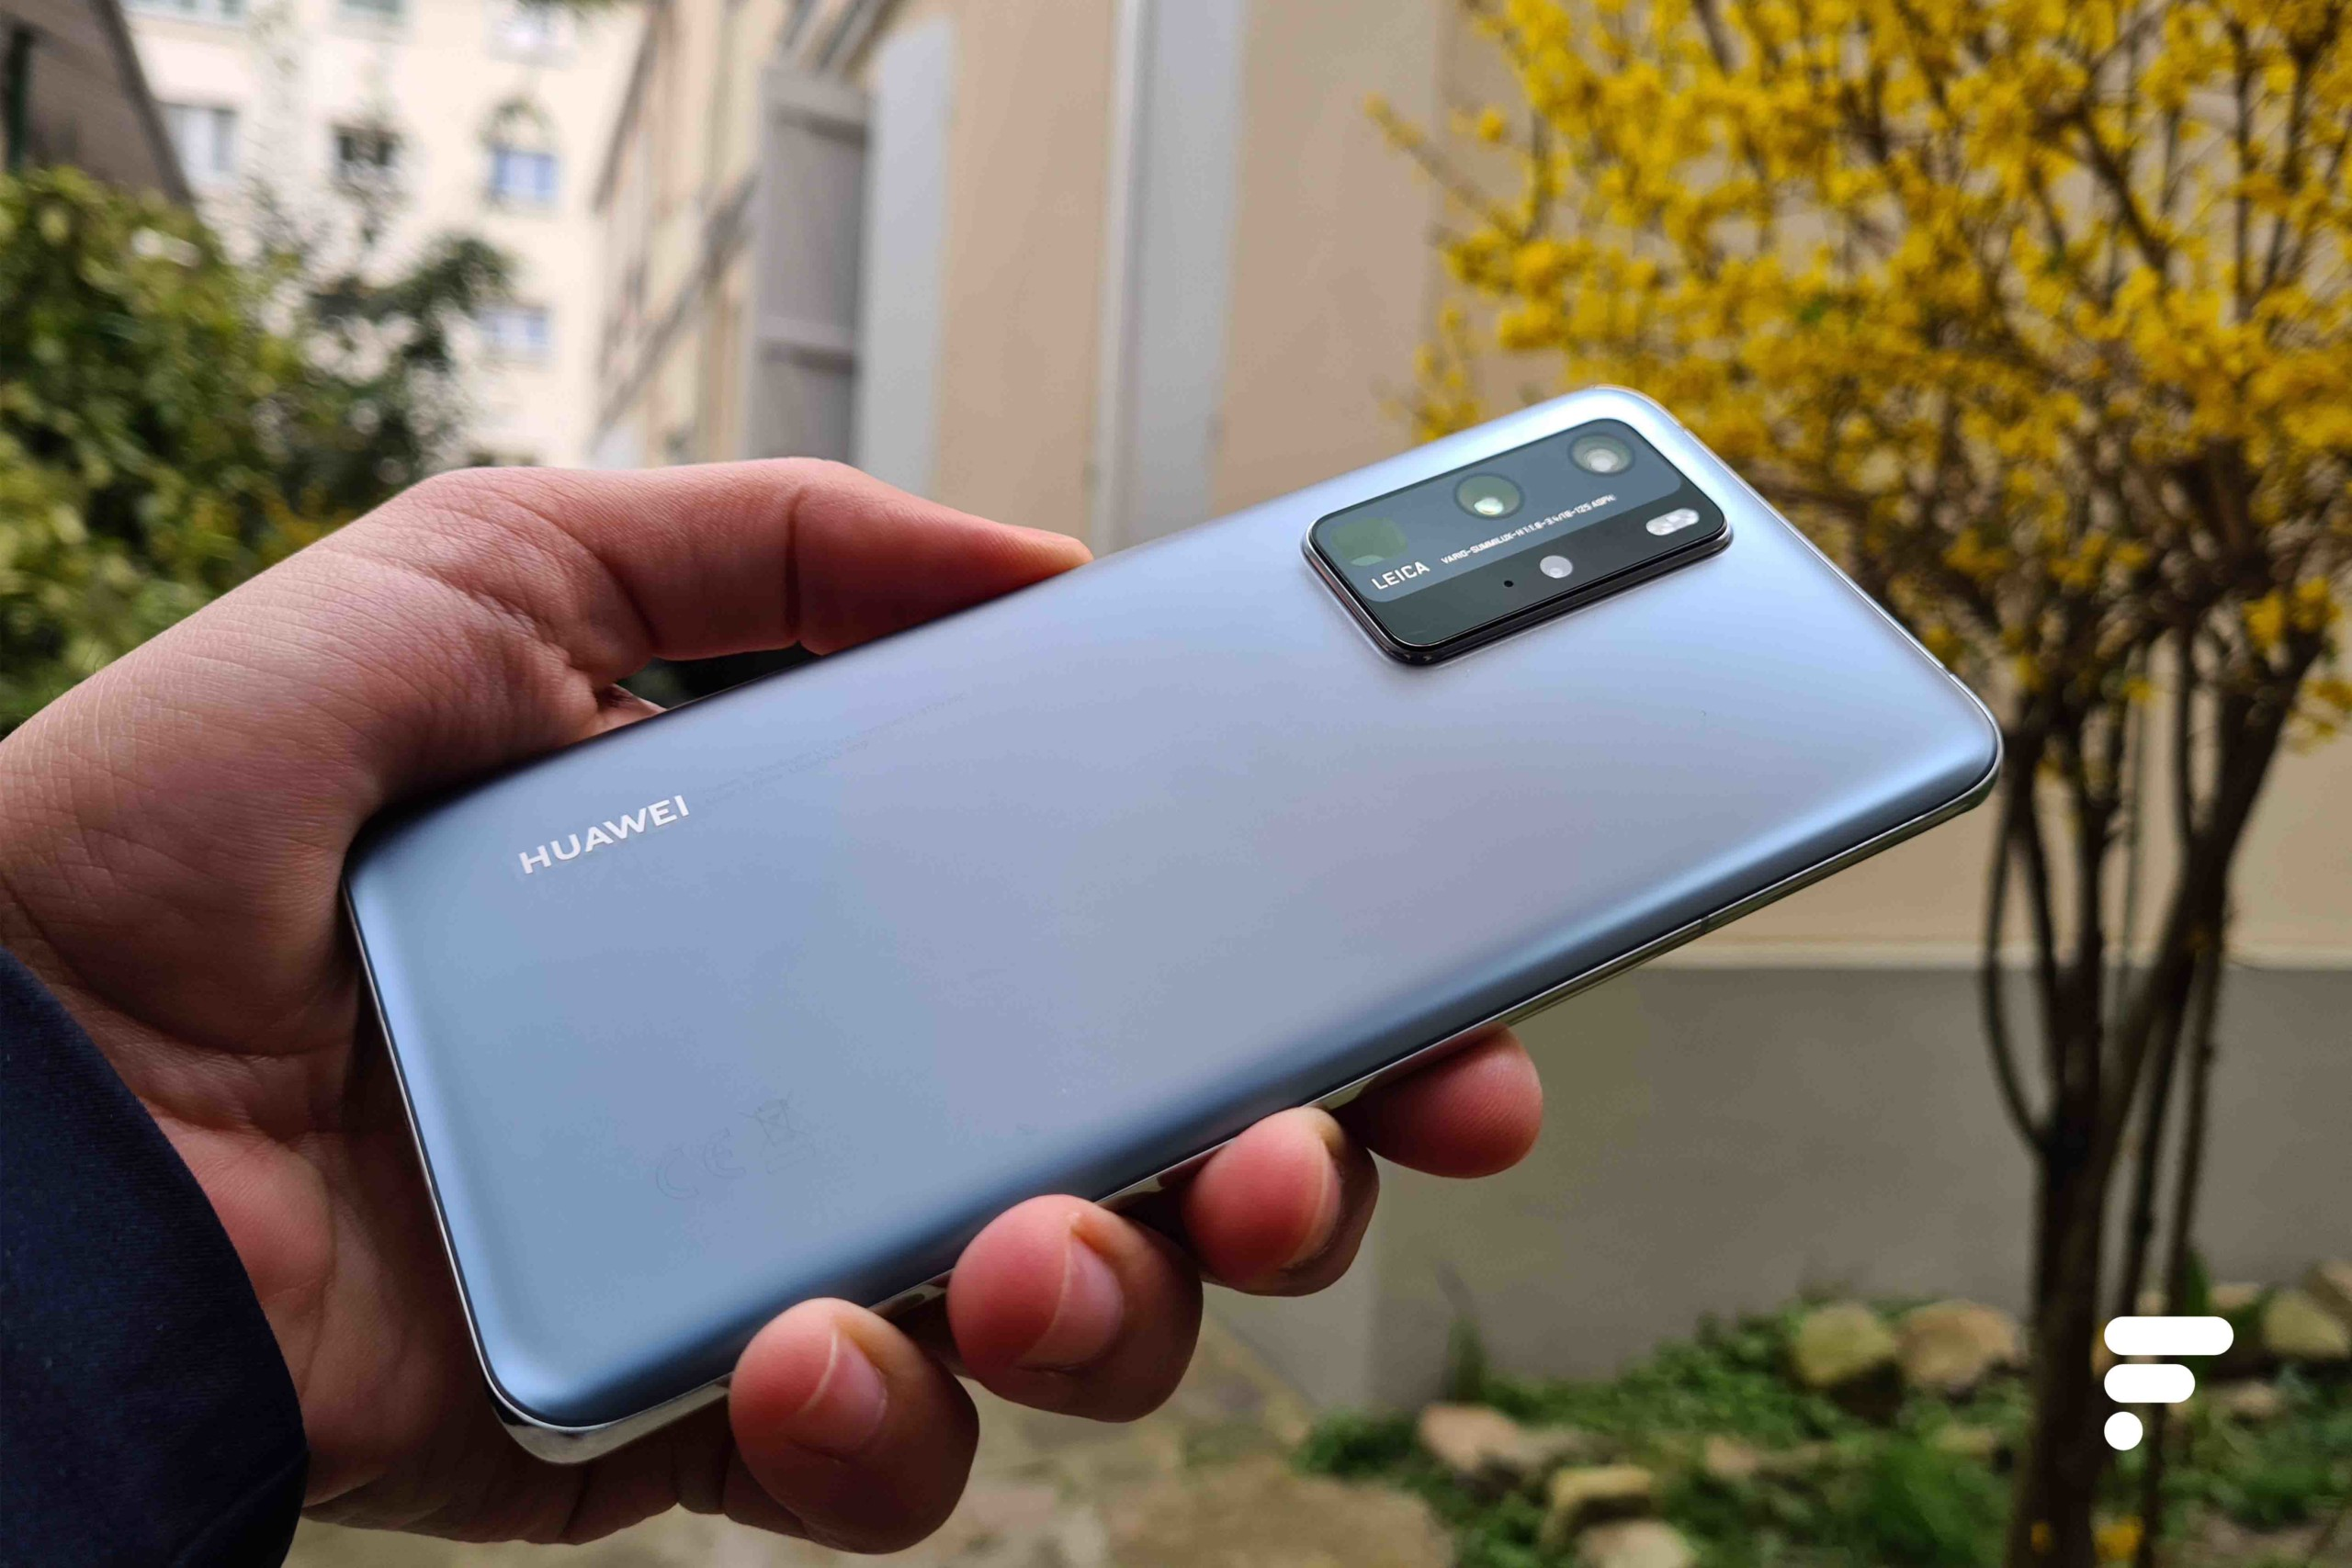 Les smartphones du géant bientôt dépourvus d'Android — Huawei